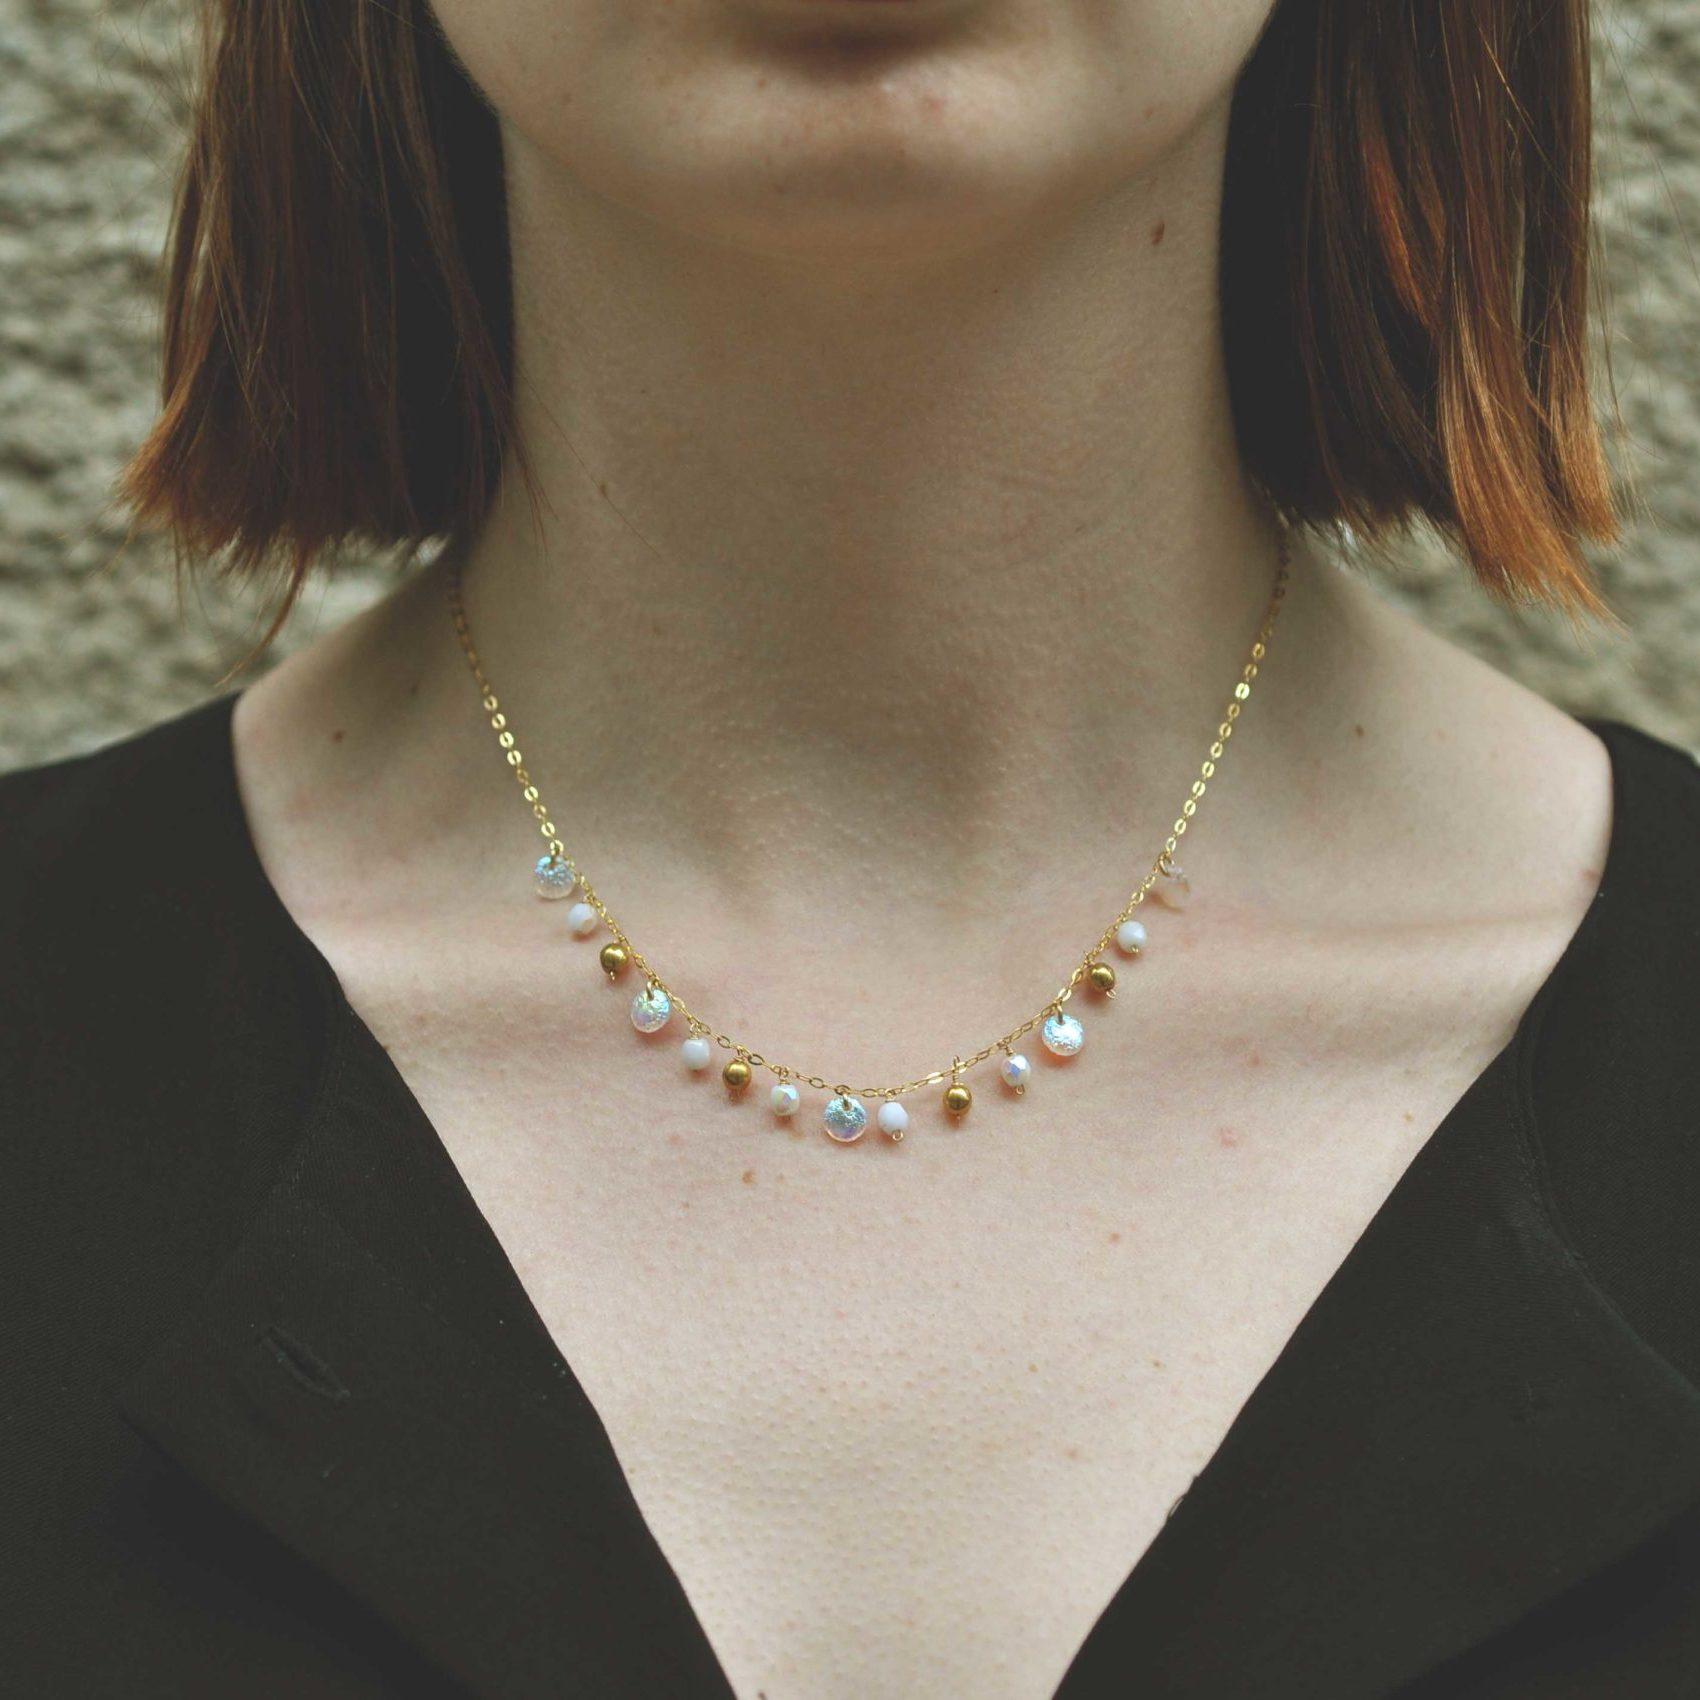 Photolook collier bohème par Marie Gonon créatrice Saint-Étienne